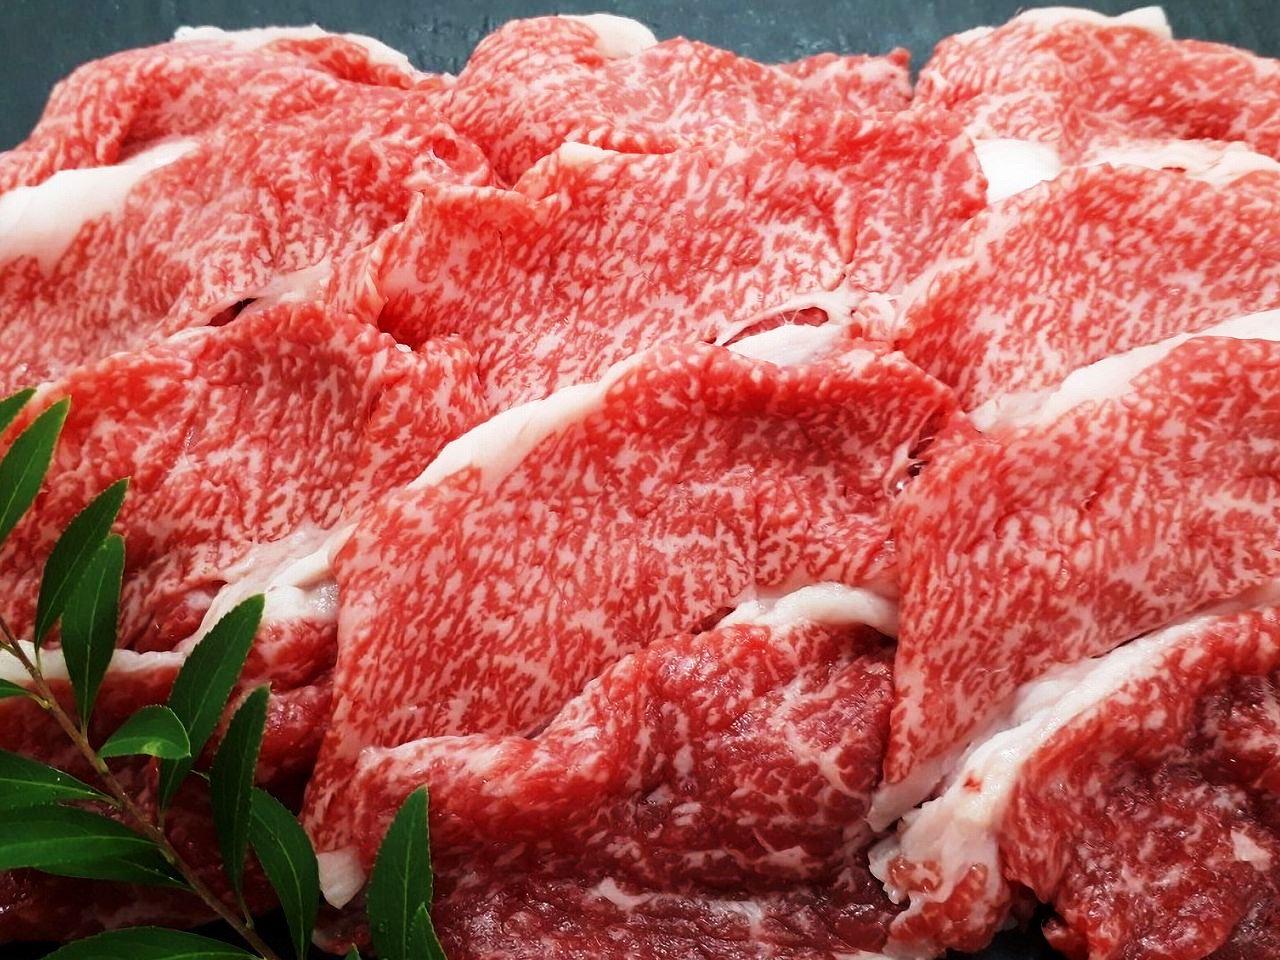 米沢牛の切り落し。大判仕様で色々な料理にお使いいただけます!画像